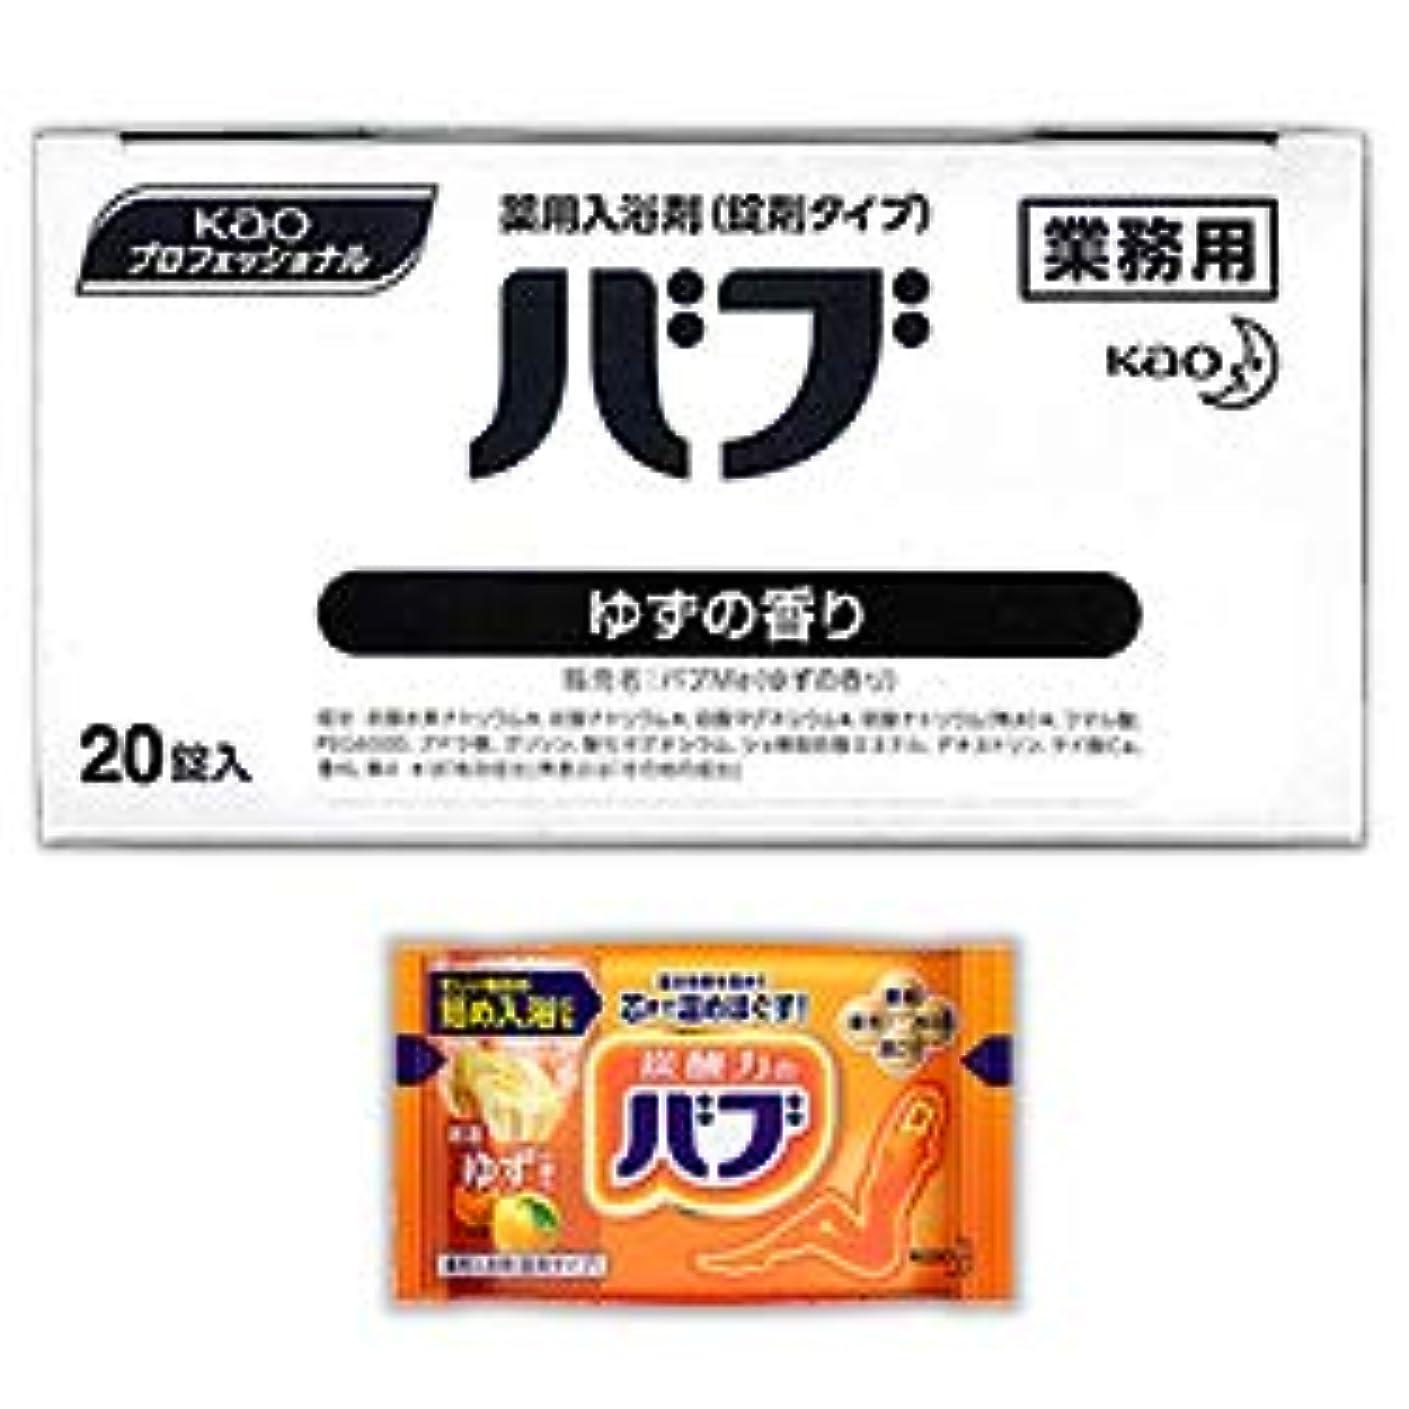 マウスピースしなやかすみません【花王】Kaoプロフェッショナル バブ ゆずの香り(業務用) 40g×20錠入 ×5個セット